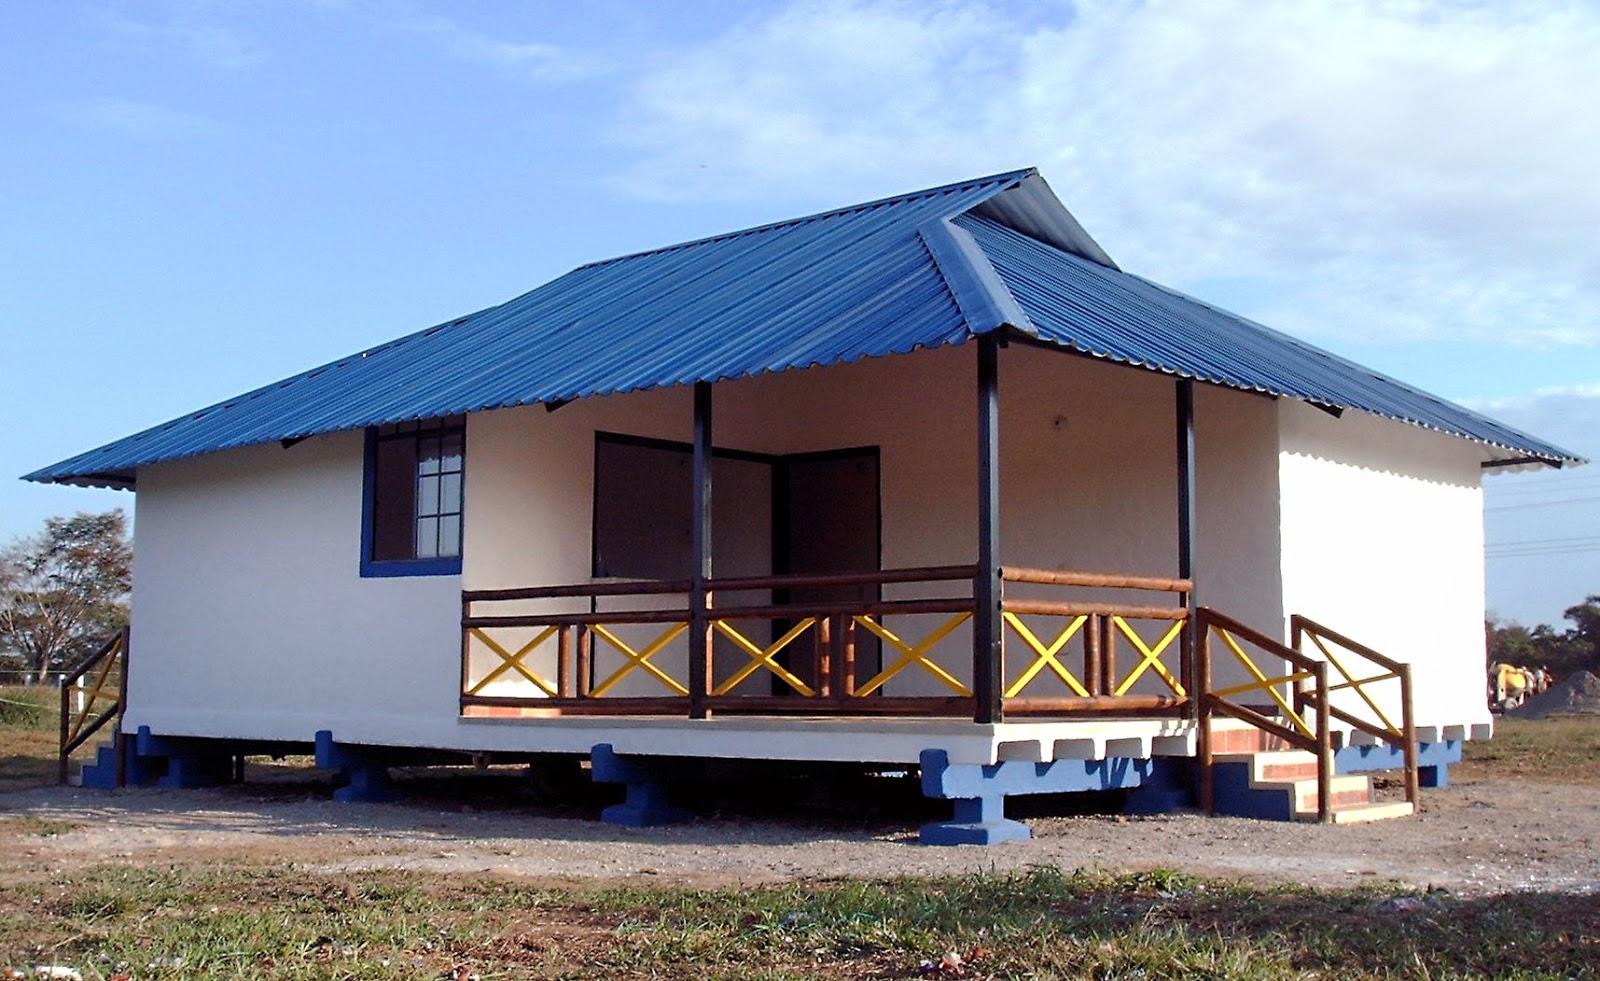 Casas y caba as prefabricadas villavicencio for Casas prefabricadas pequenas